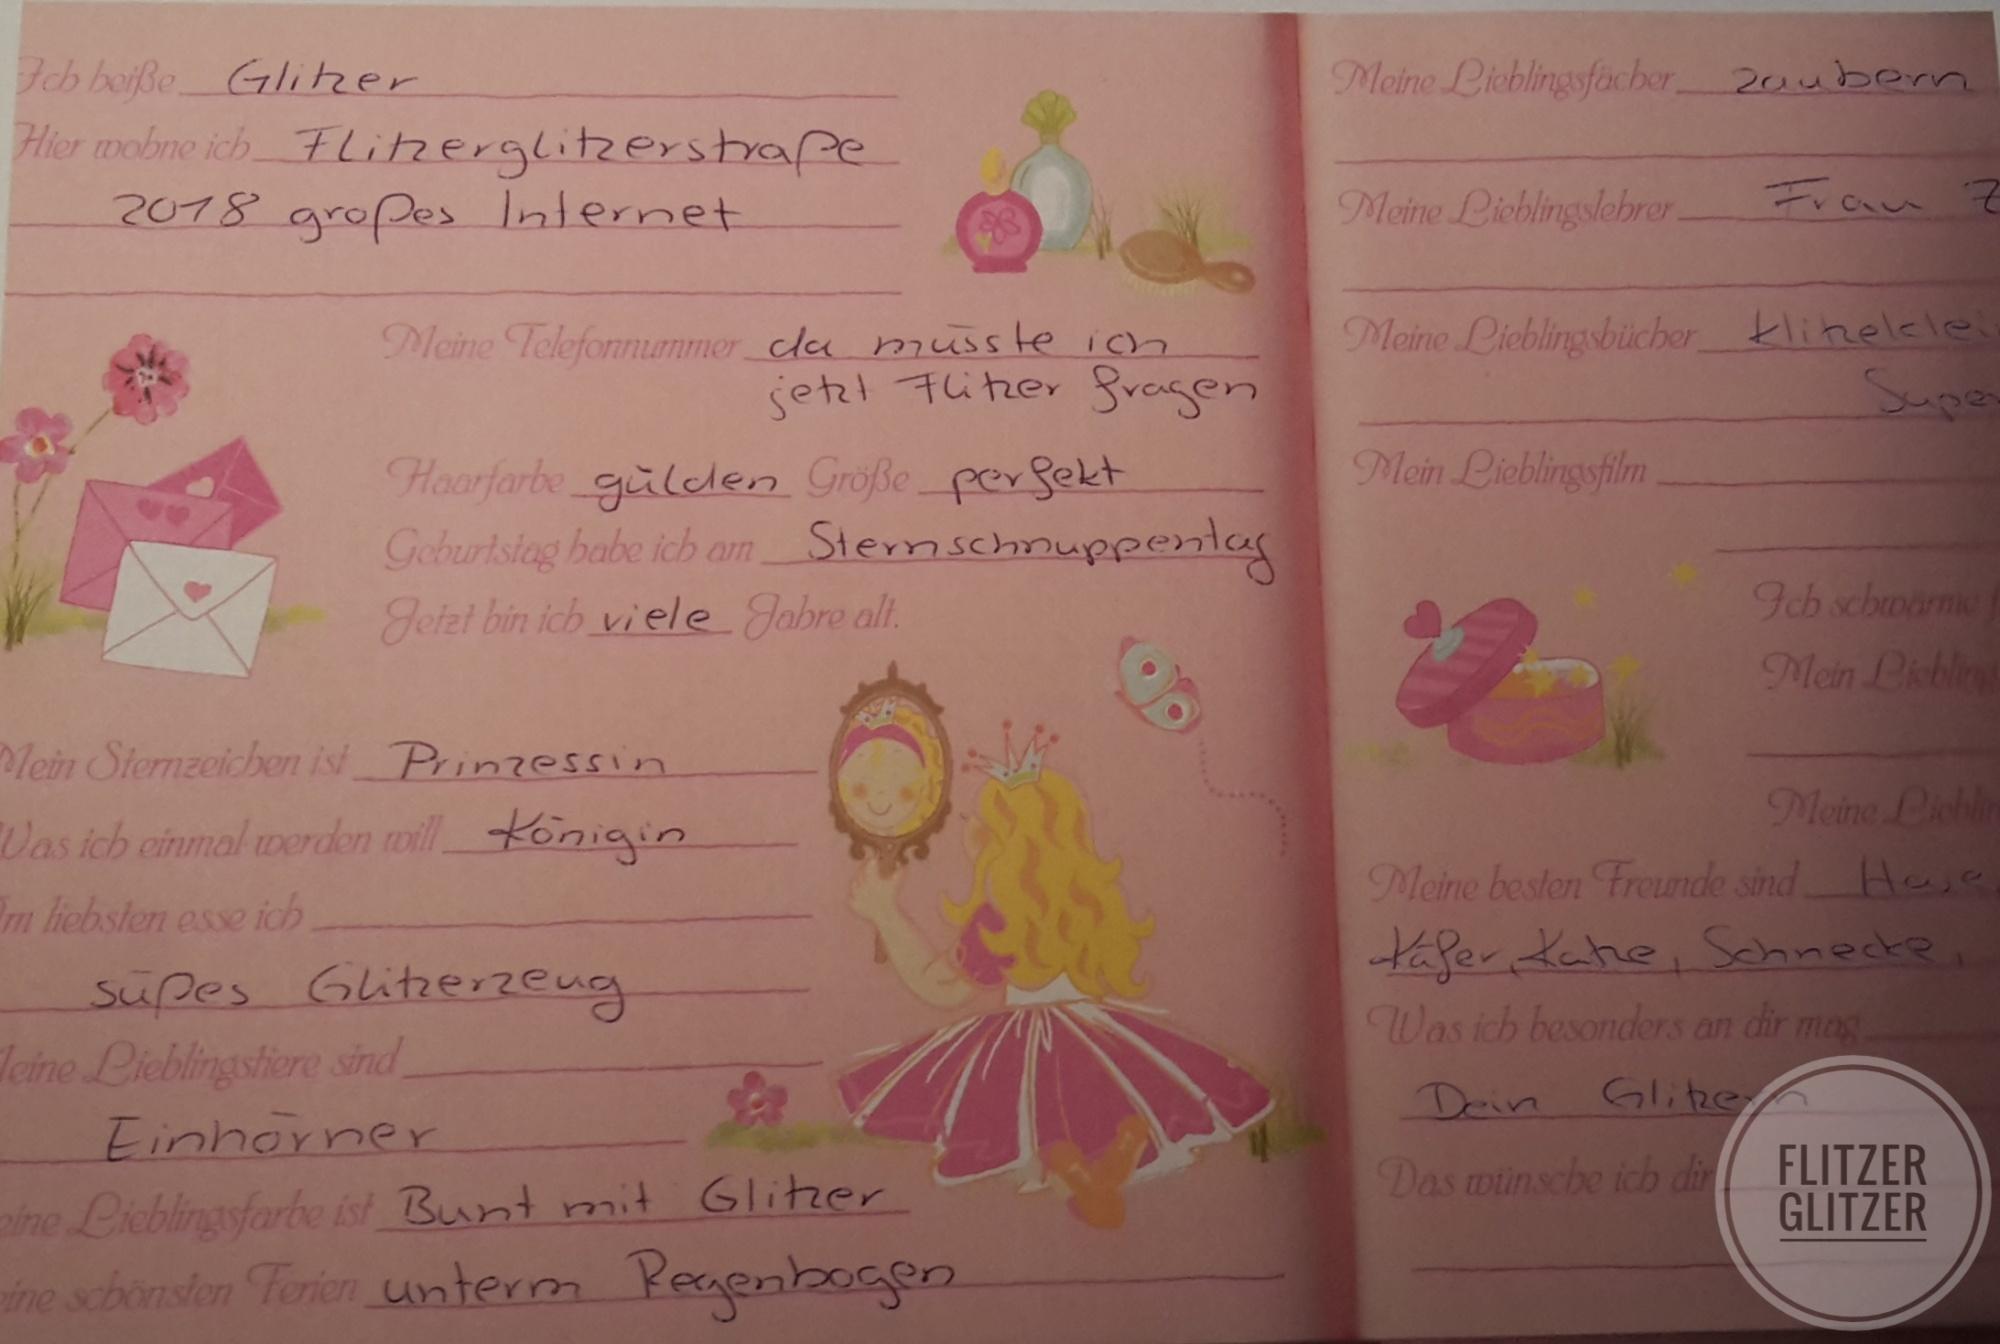 Prinzessinen Freundebuch ausgefüllt von Glitzer